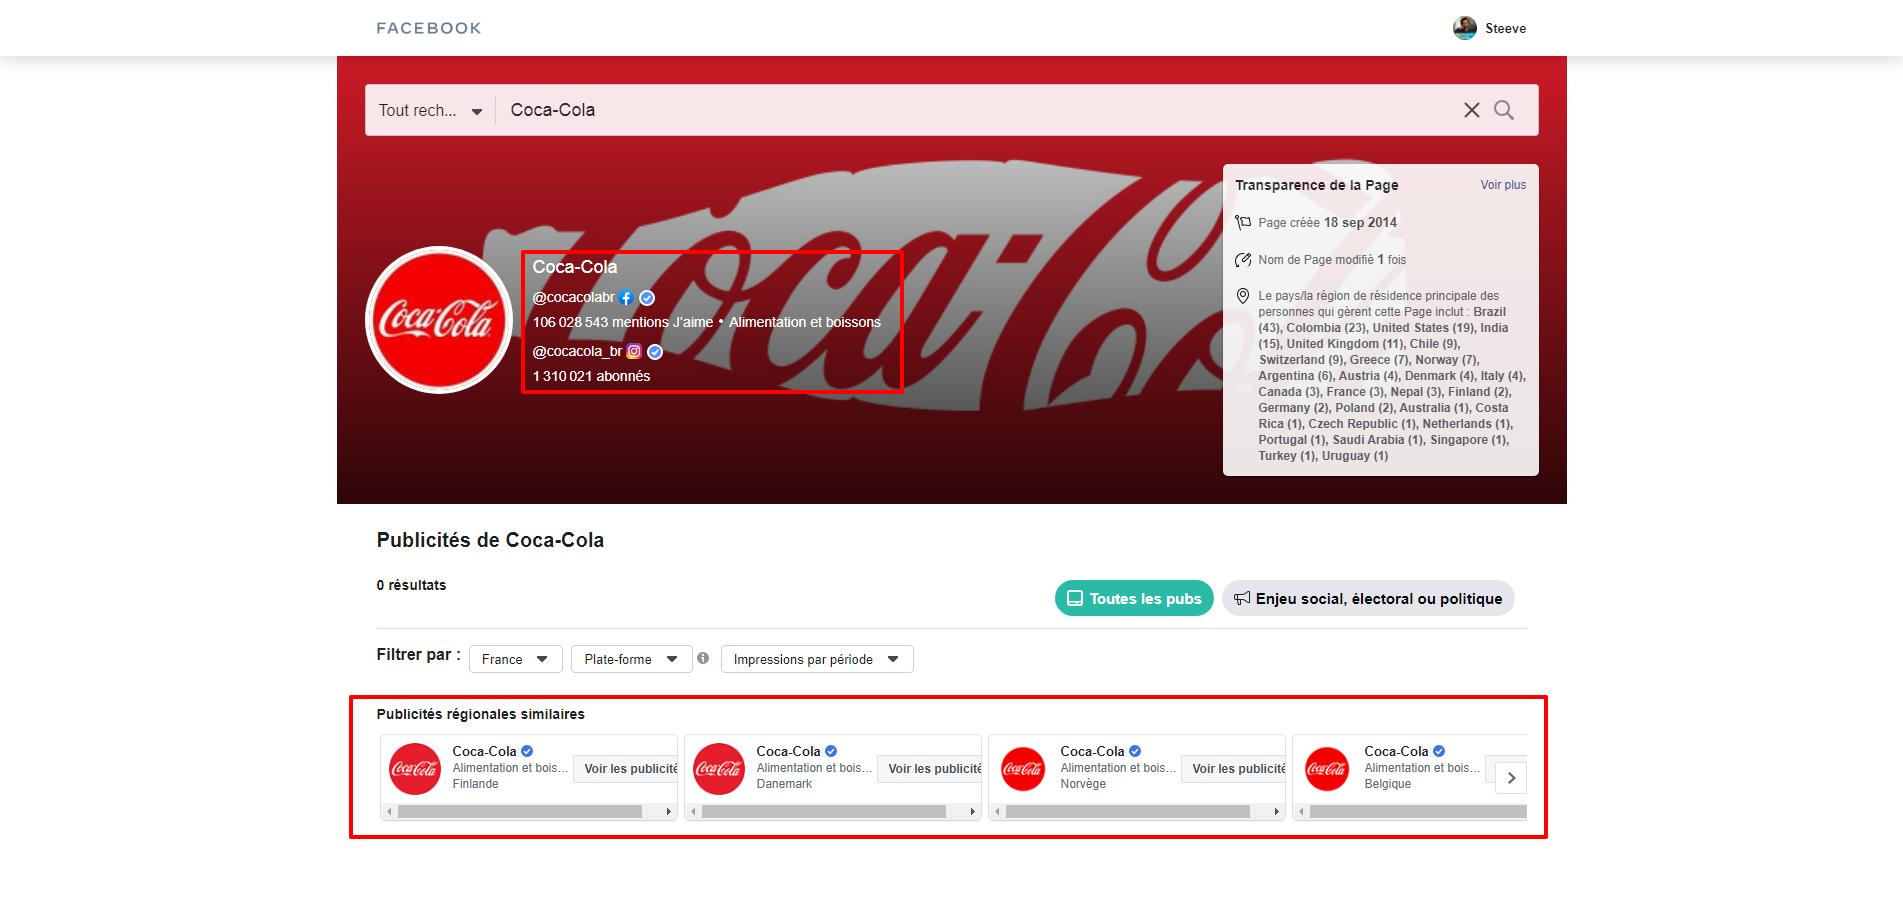 outil ideal pour espionner les publicites facebook des concurrents